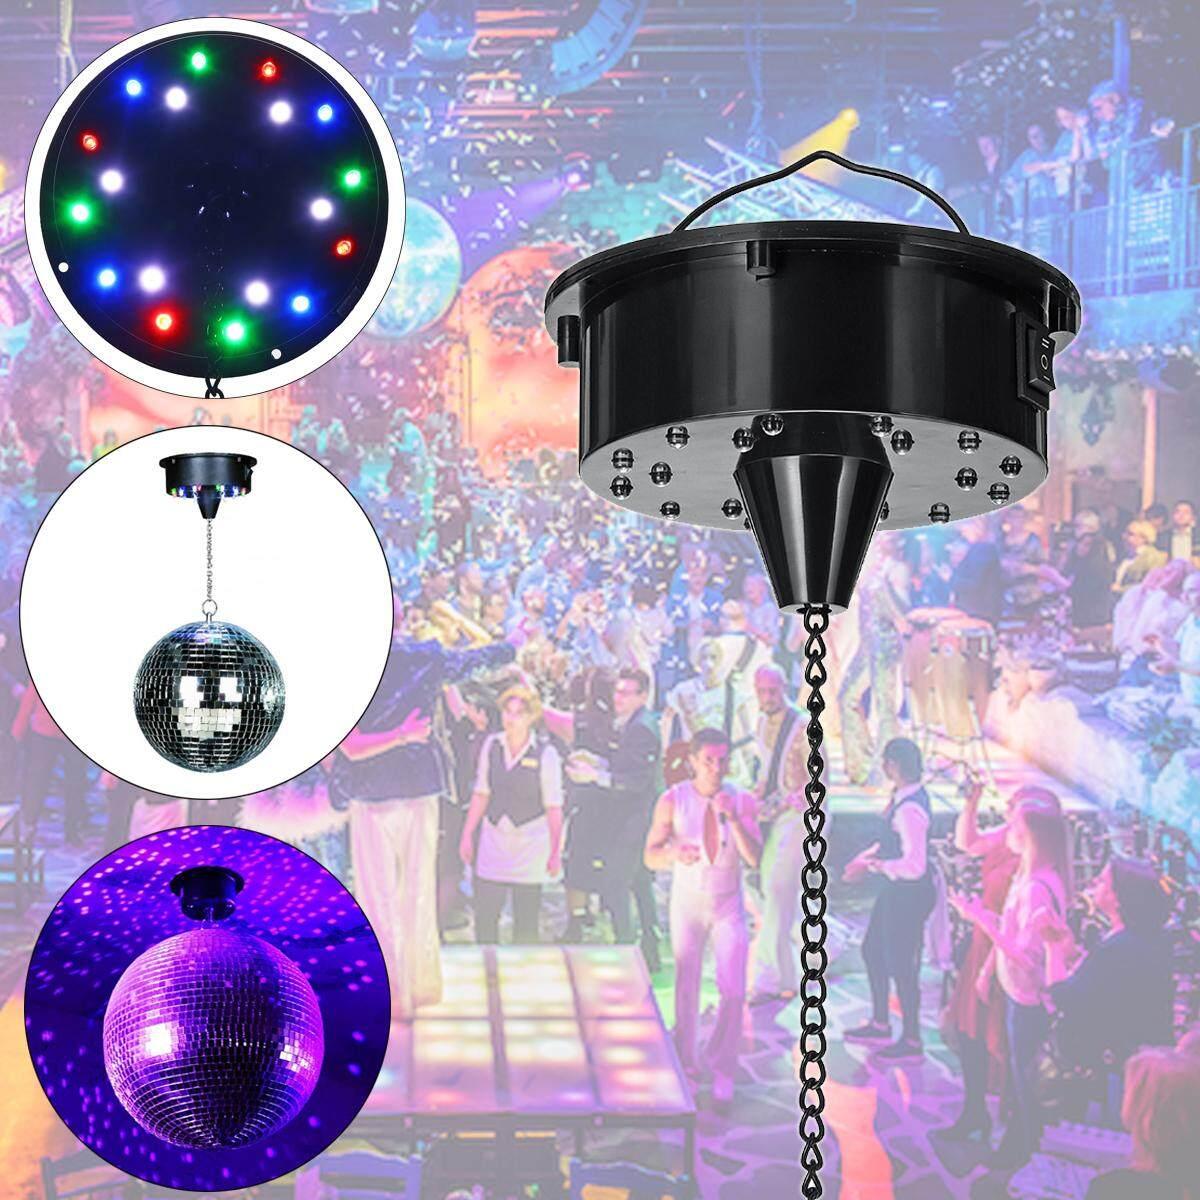 【การจัดส่ง + แฟลช Deal】18 Rgb ไฟ Led มอเตอร์หมุนสำหรับลูกบอลกระจกเวทีคาราโอเกะ Sound เปิดใช้งาน By Surmounter.